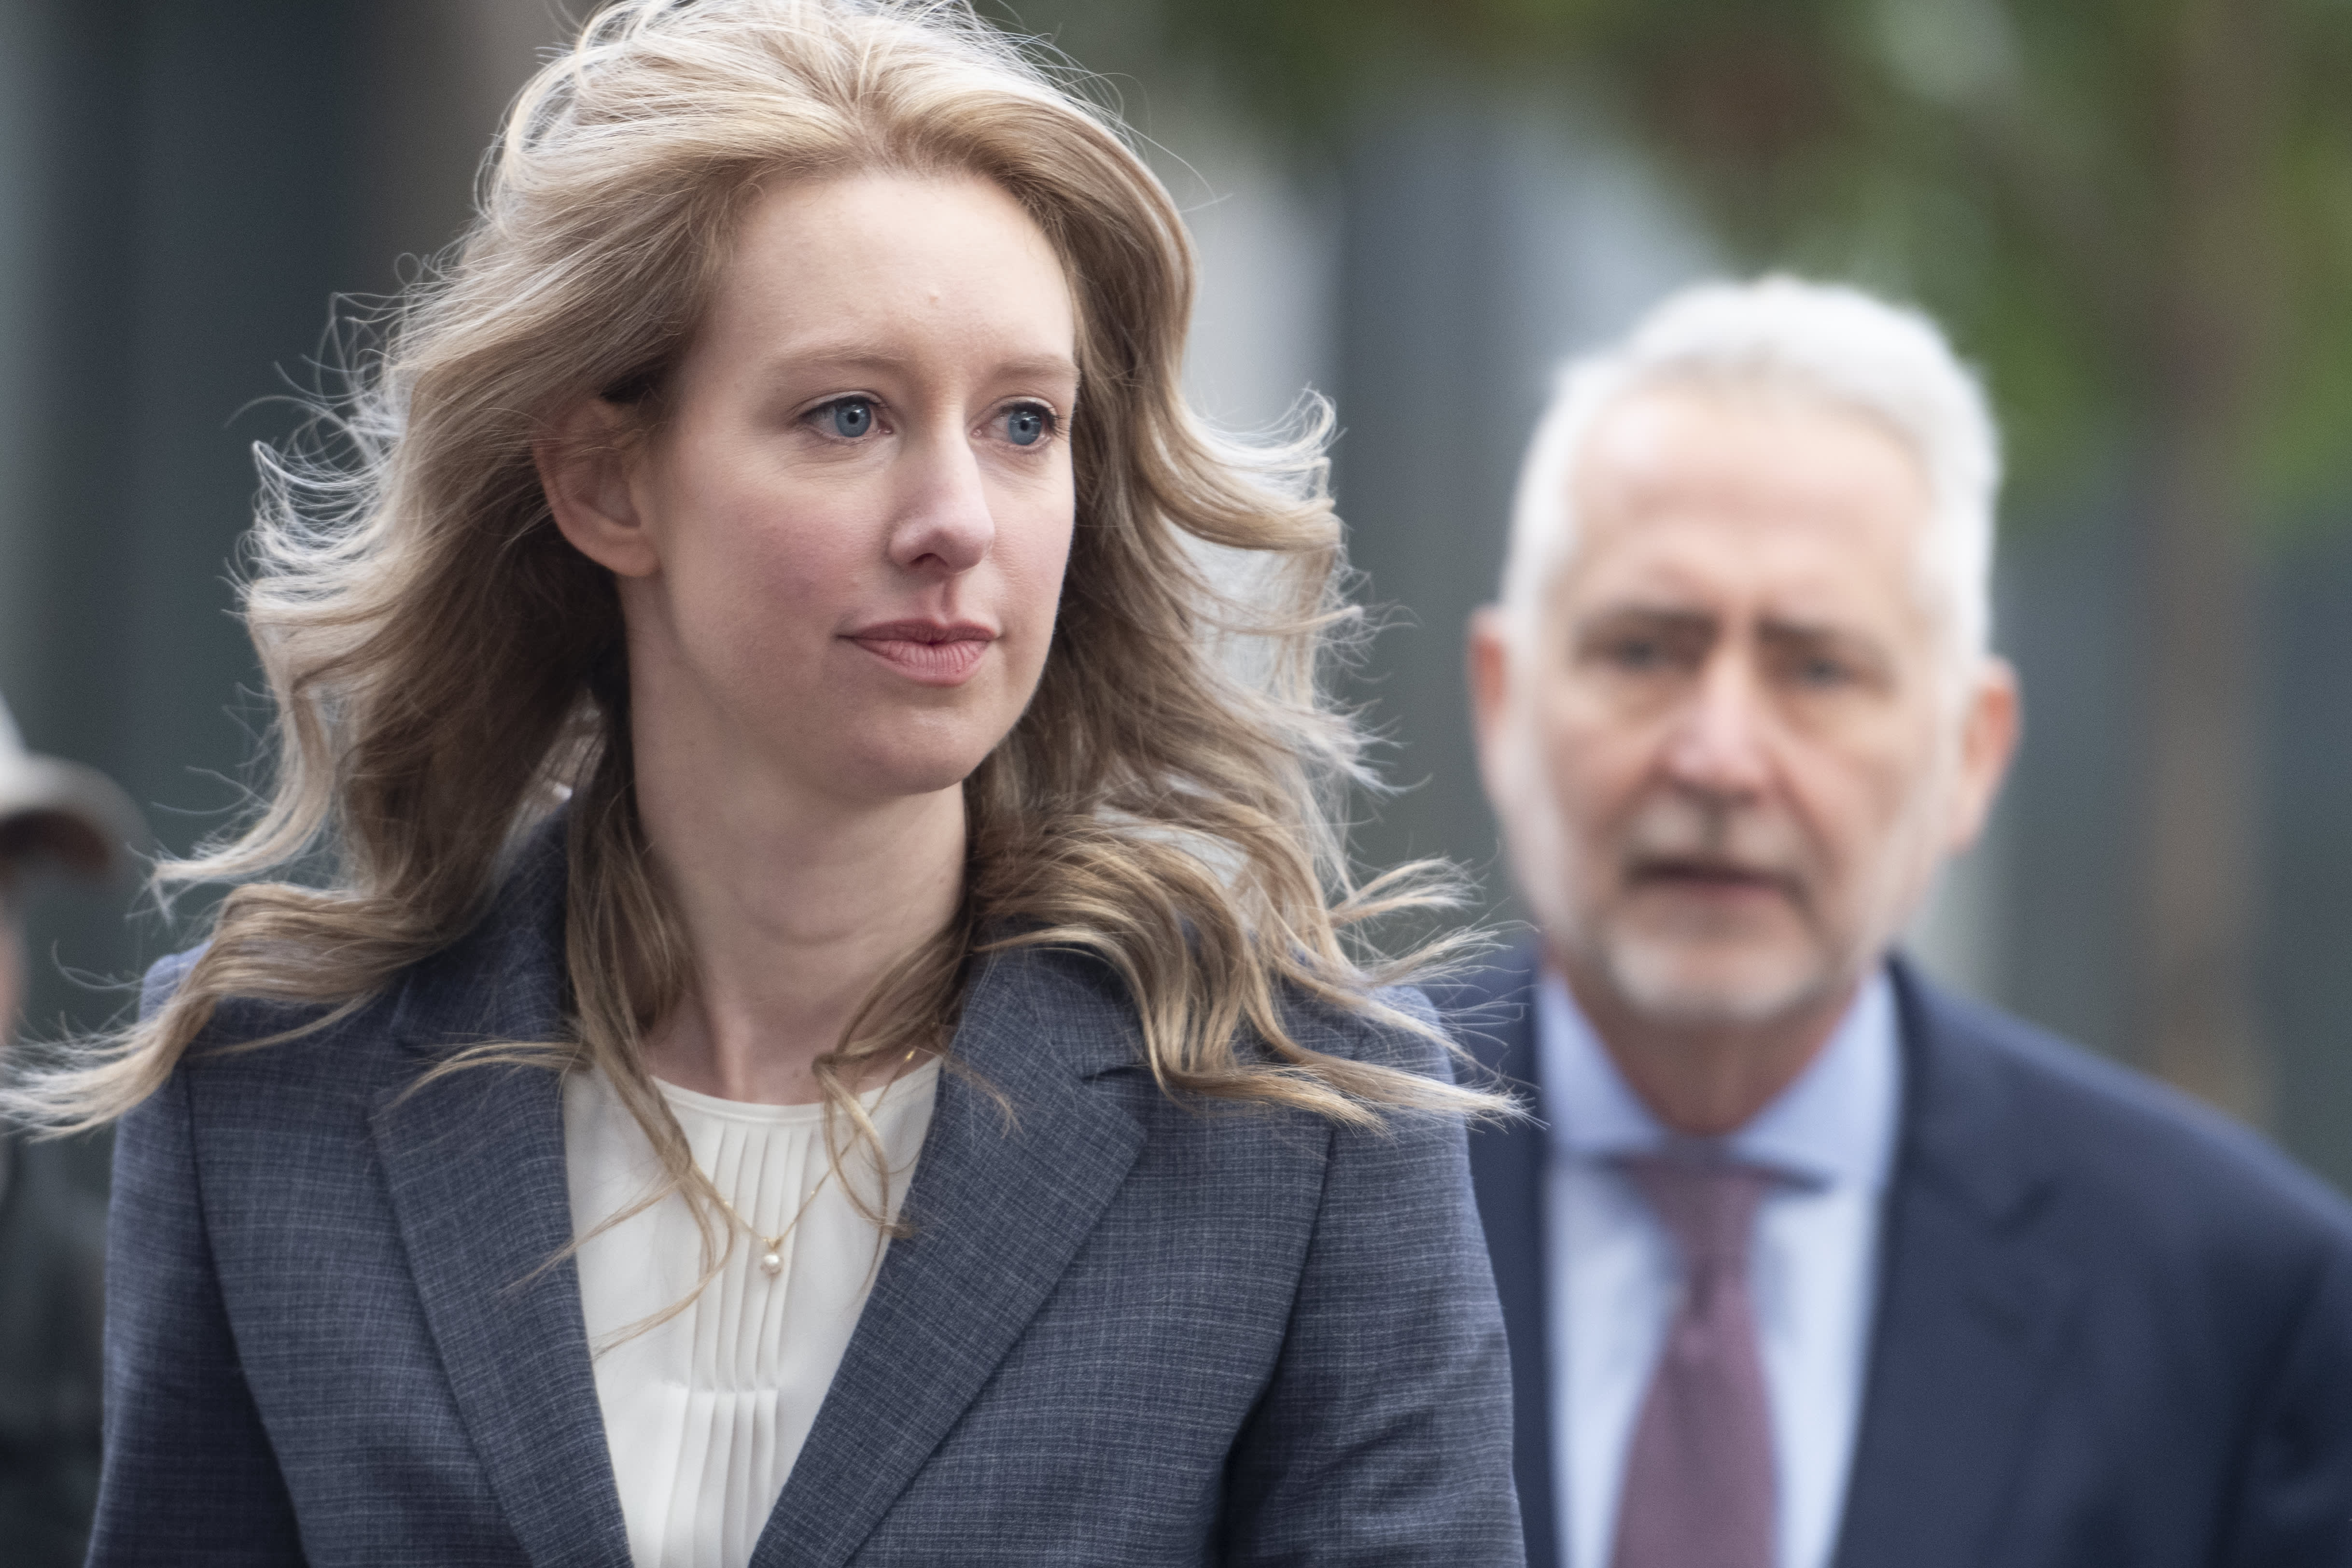 Elizabeth Holmes' trial delayed as California's Covid cases surge